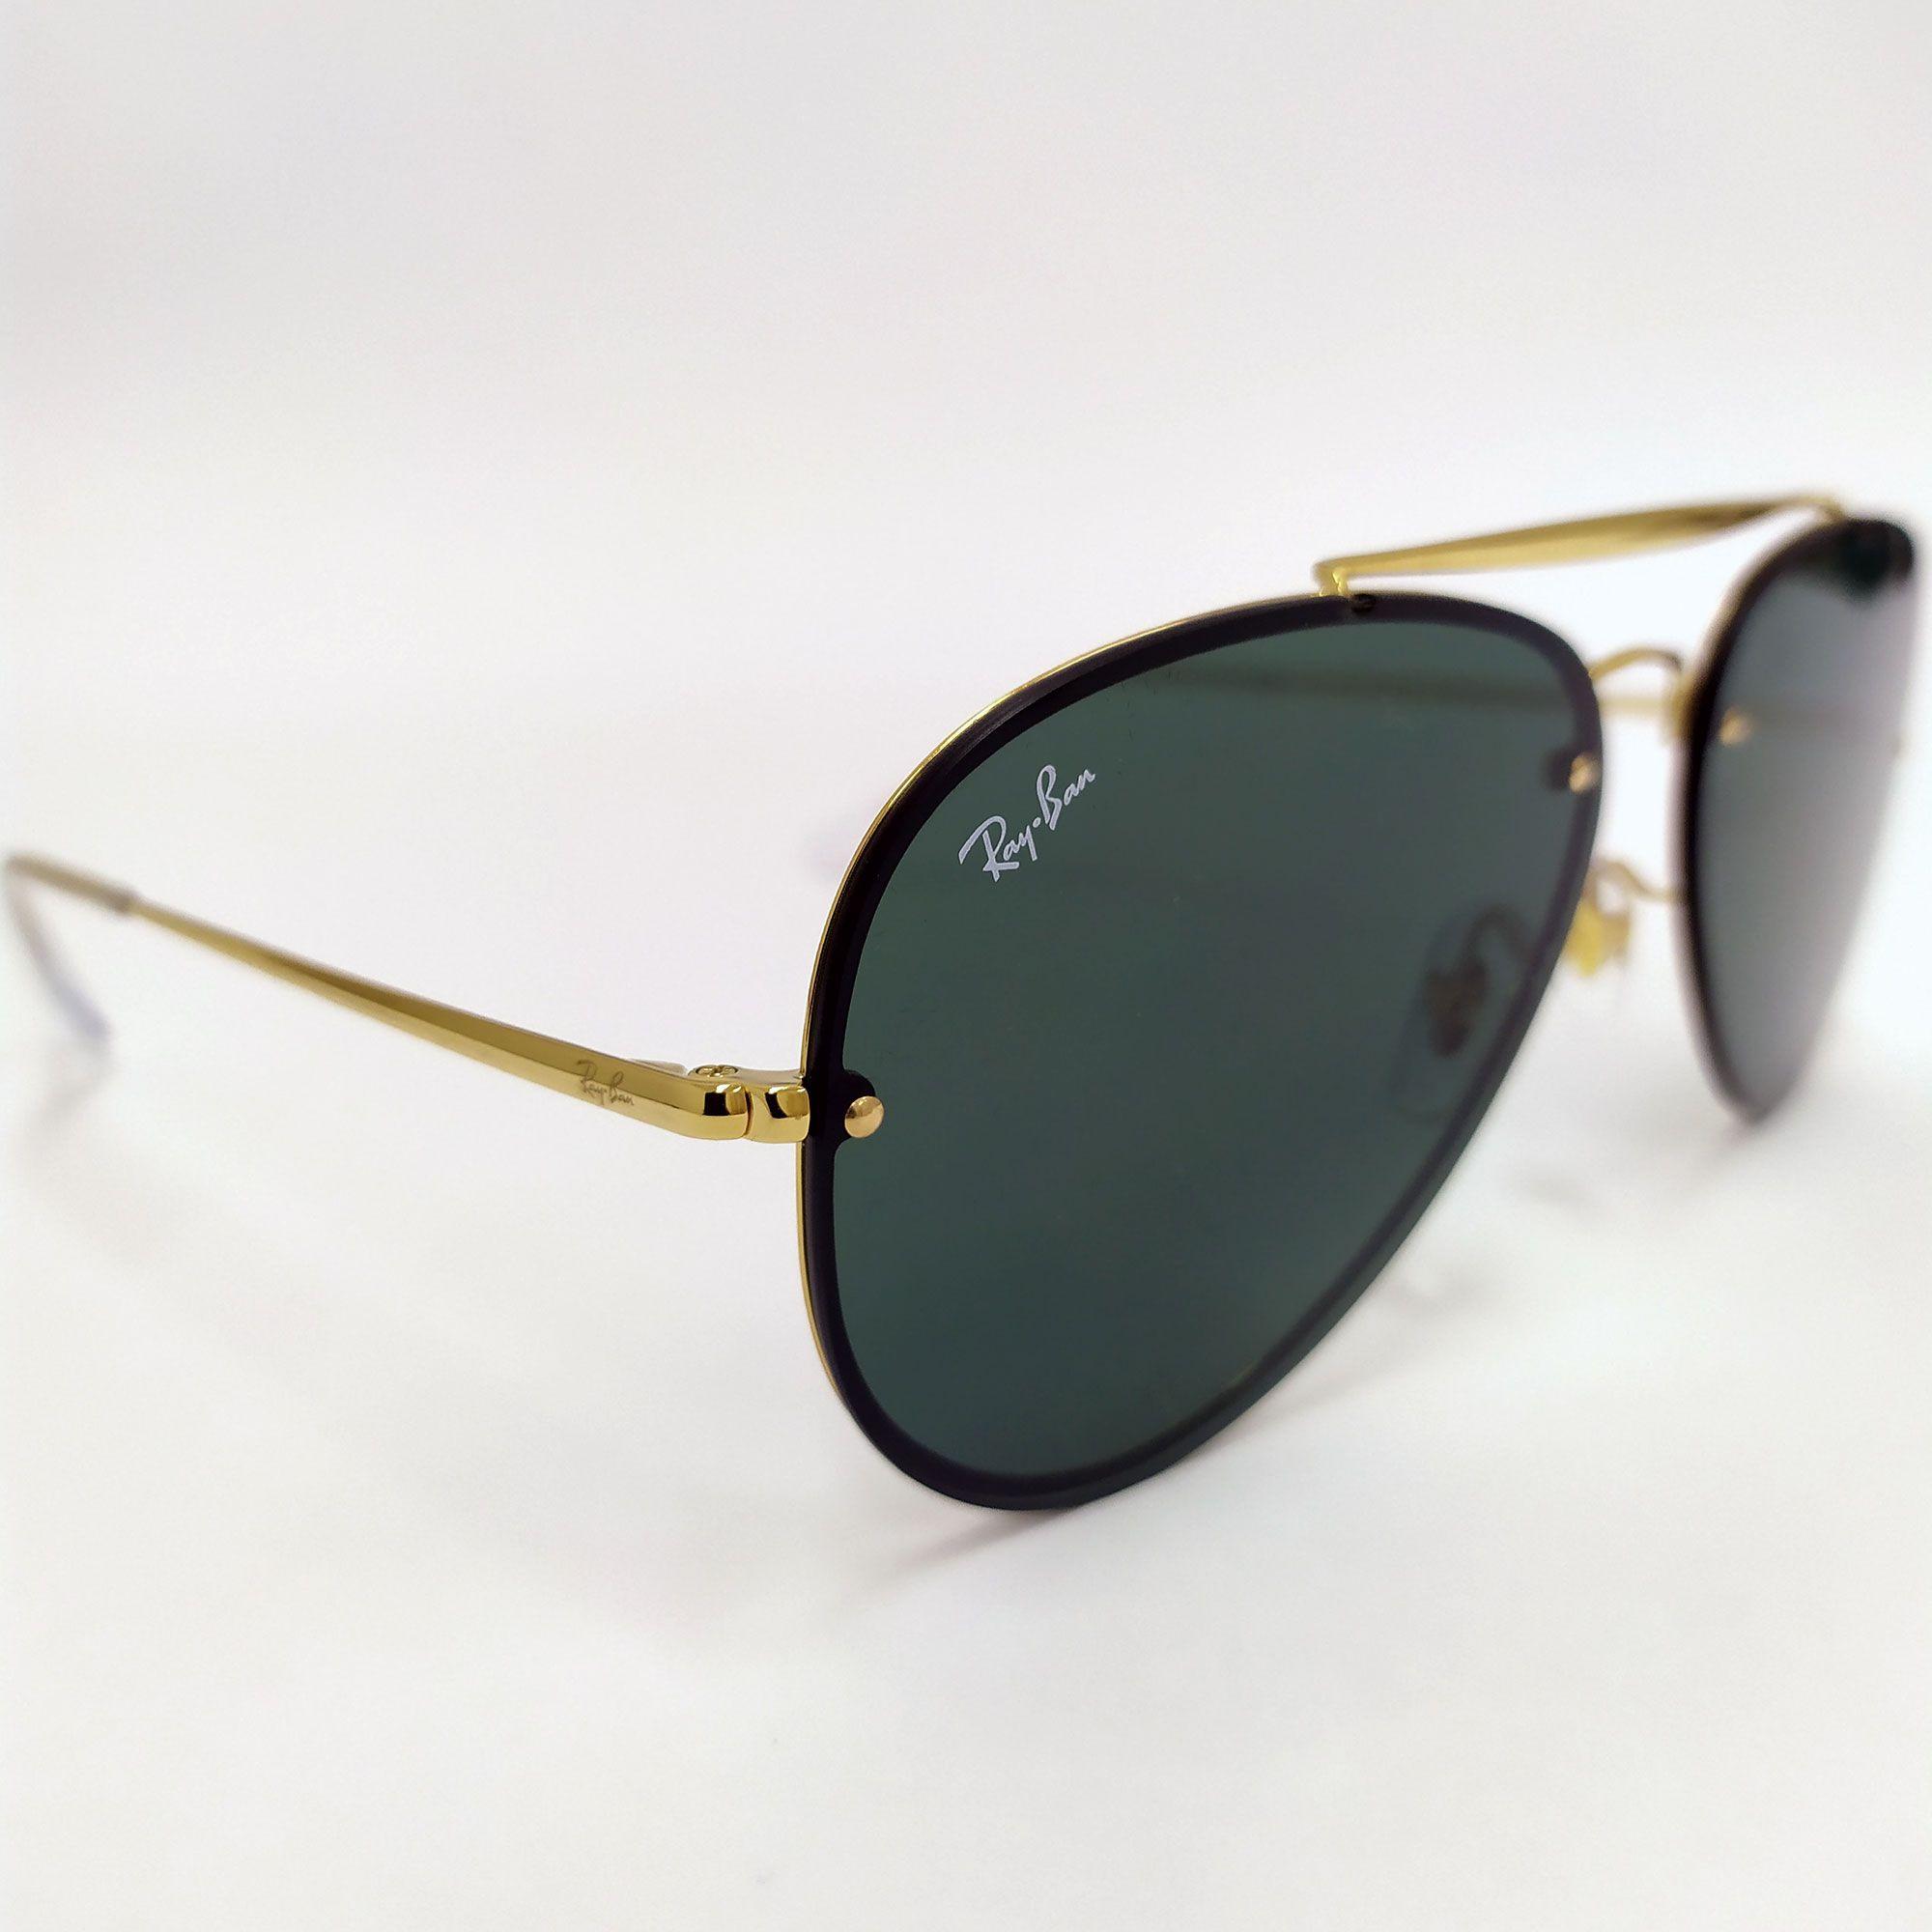 Óculos de Sol Ray-Ban Blaze Aviator com lente Verde Clássica 3584-N 9050